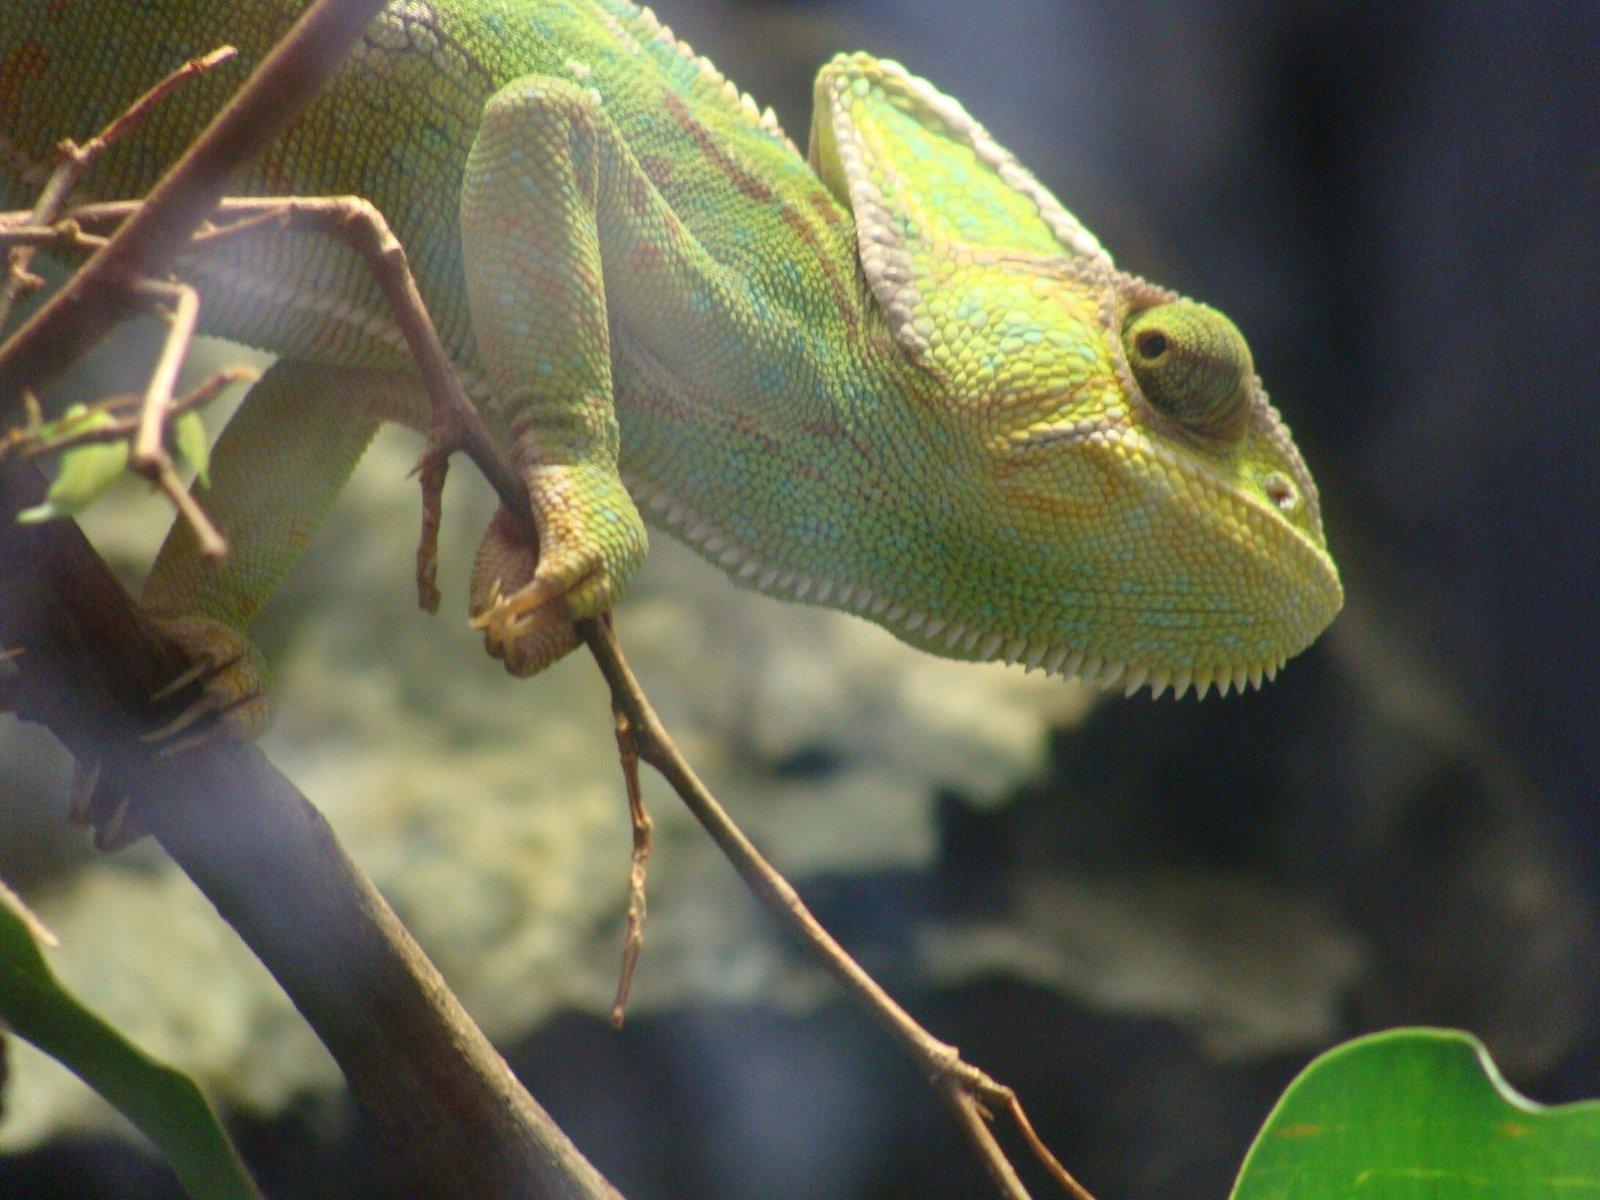 How Do Chameleons Change Color